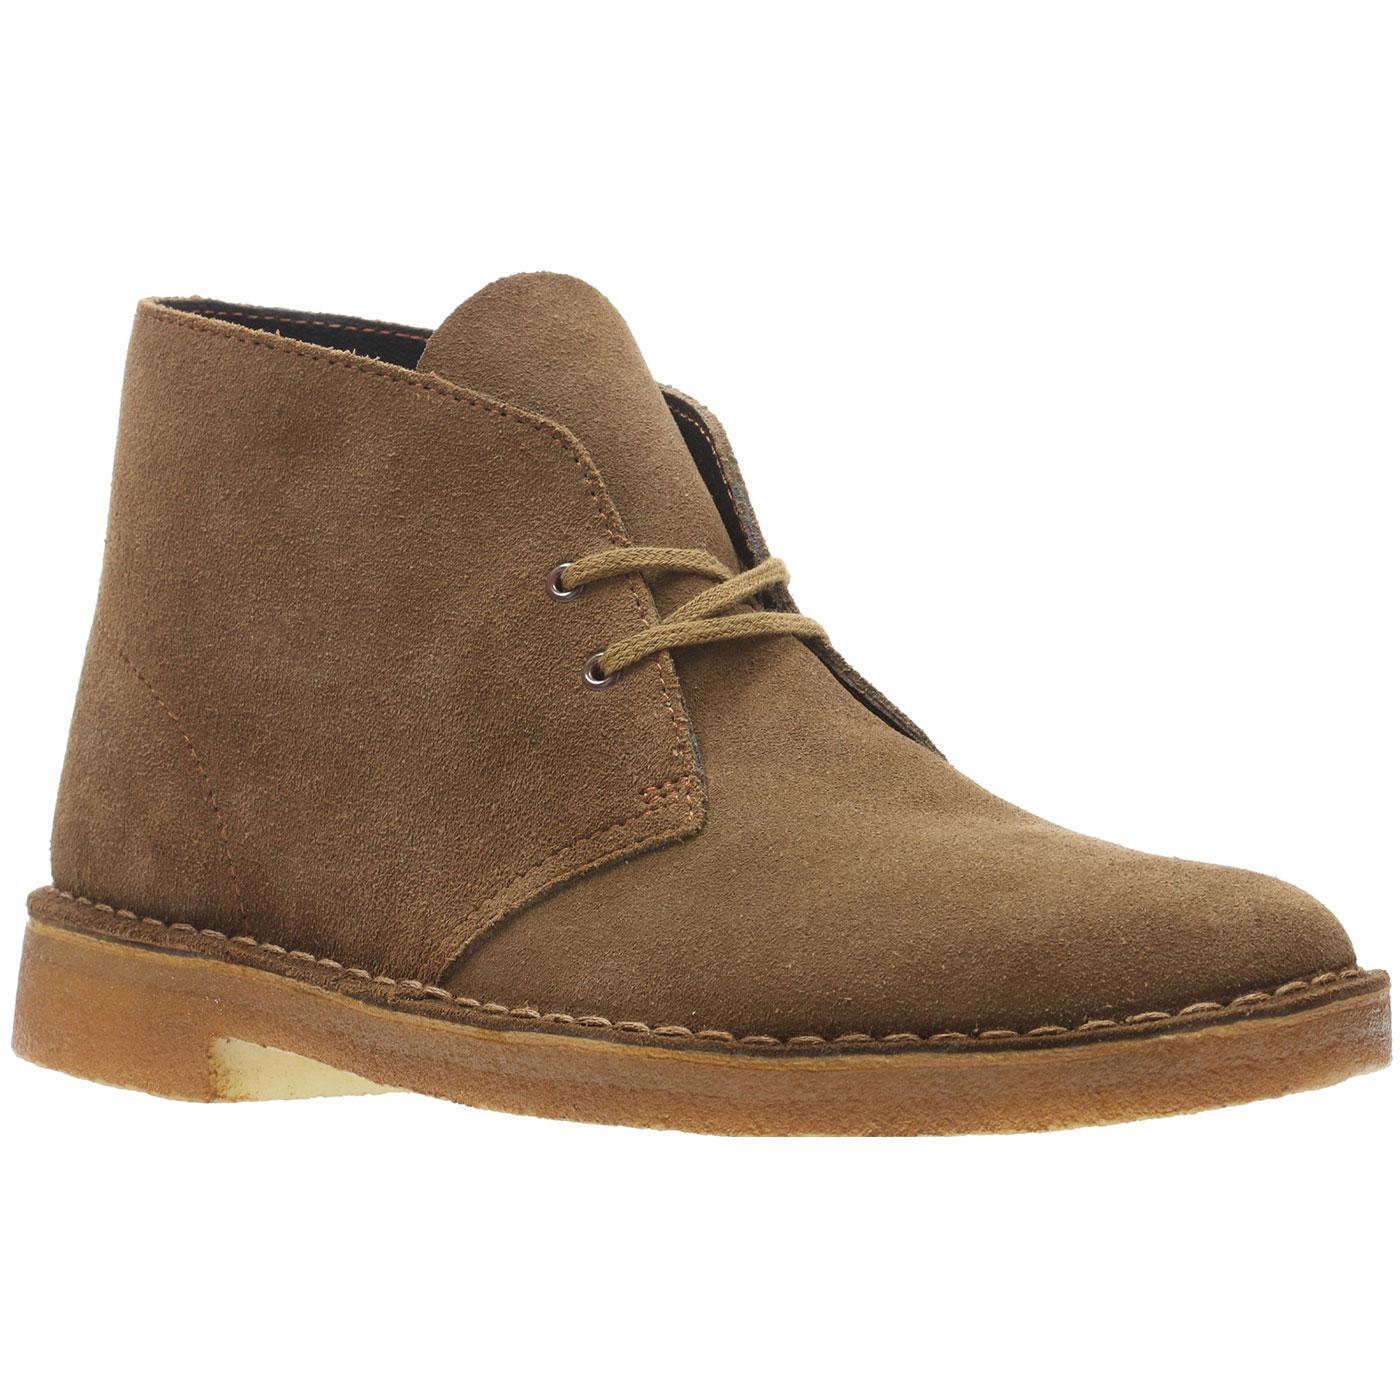 CLARKS ORIGINALS Men's Mod Suede Desert Boots COLA